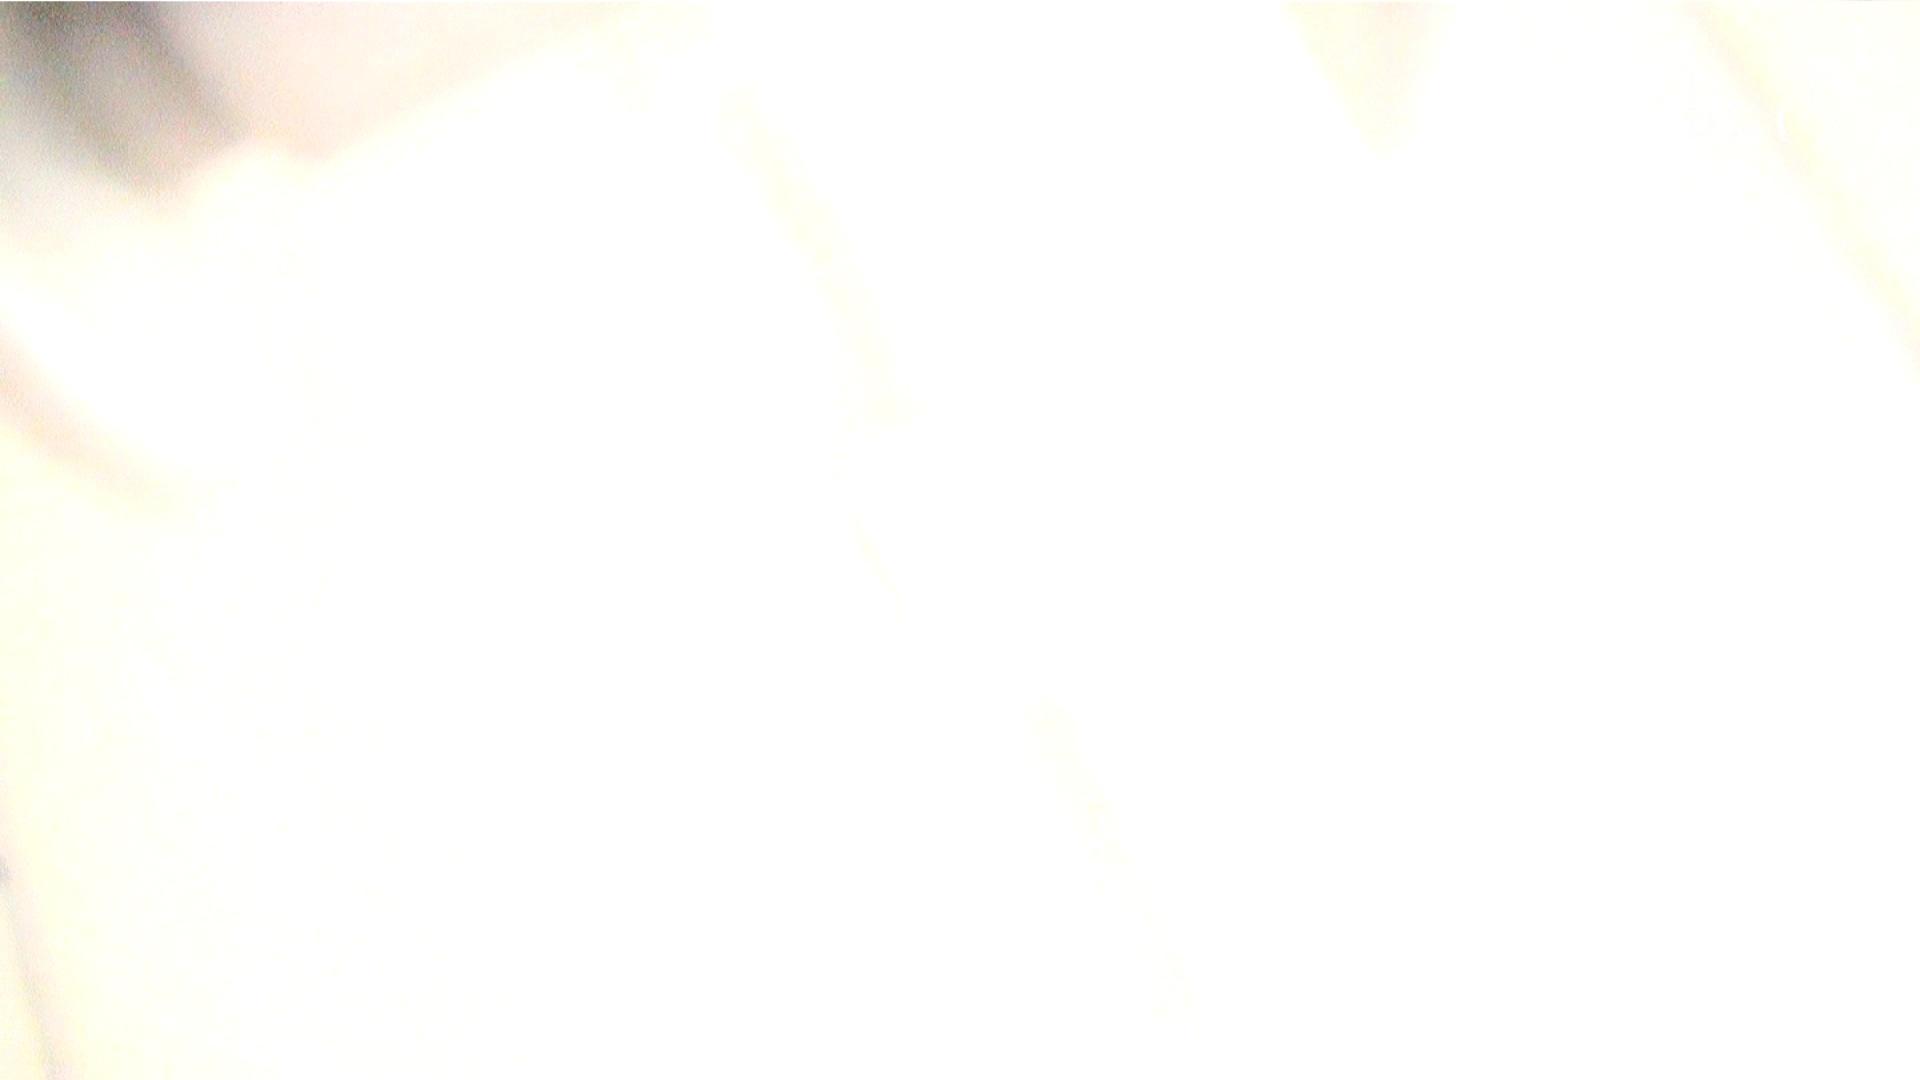 至高下半身盗撮-PREMIUM-【院内病棟編 】VOL5 盗撮エロすぎ | OL  95連発 41